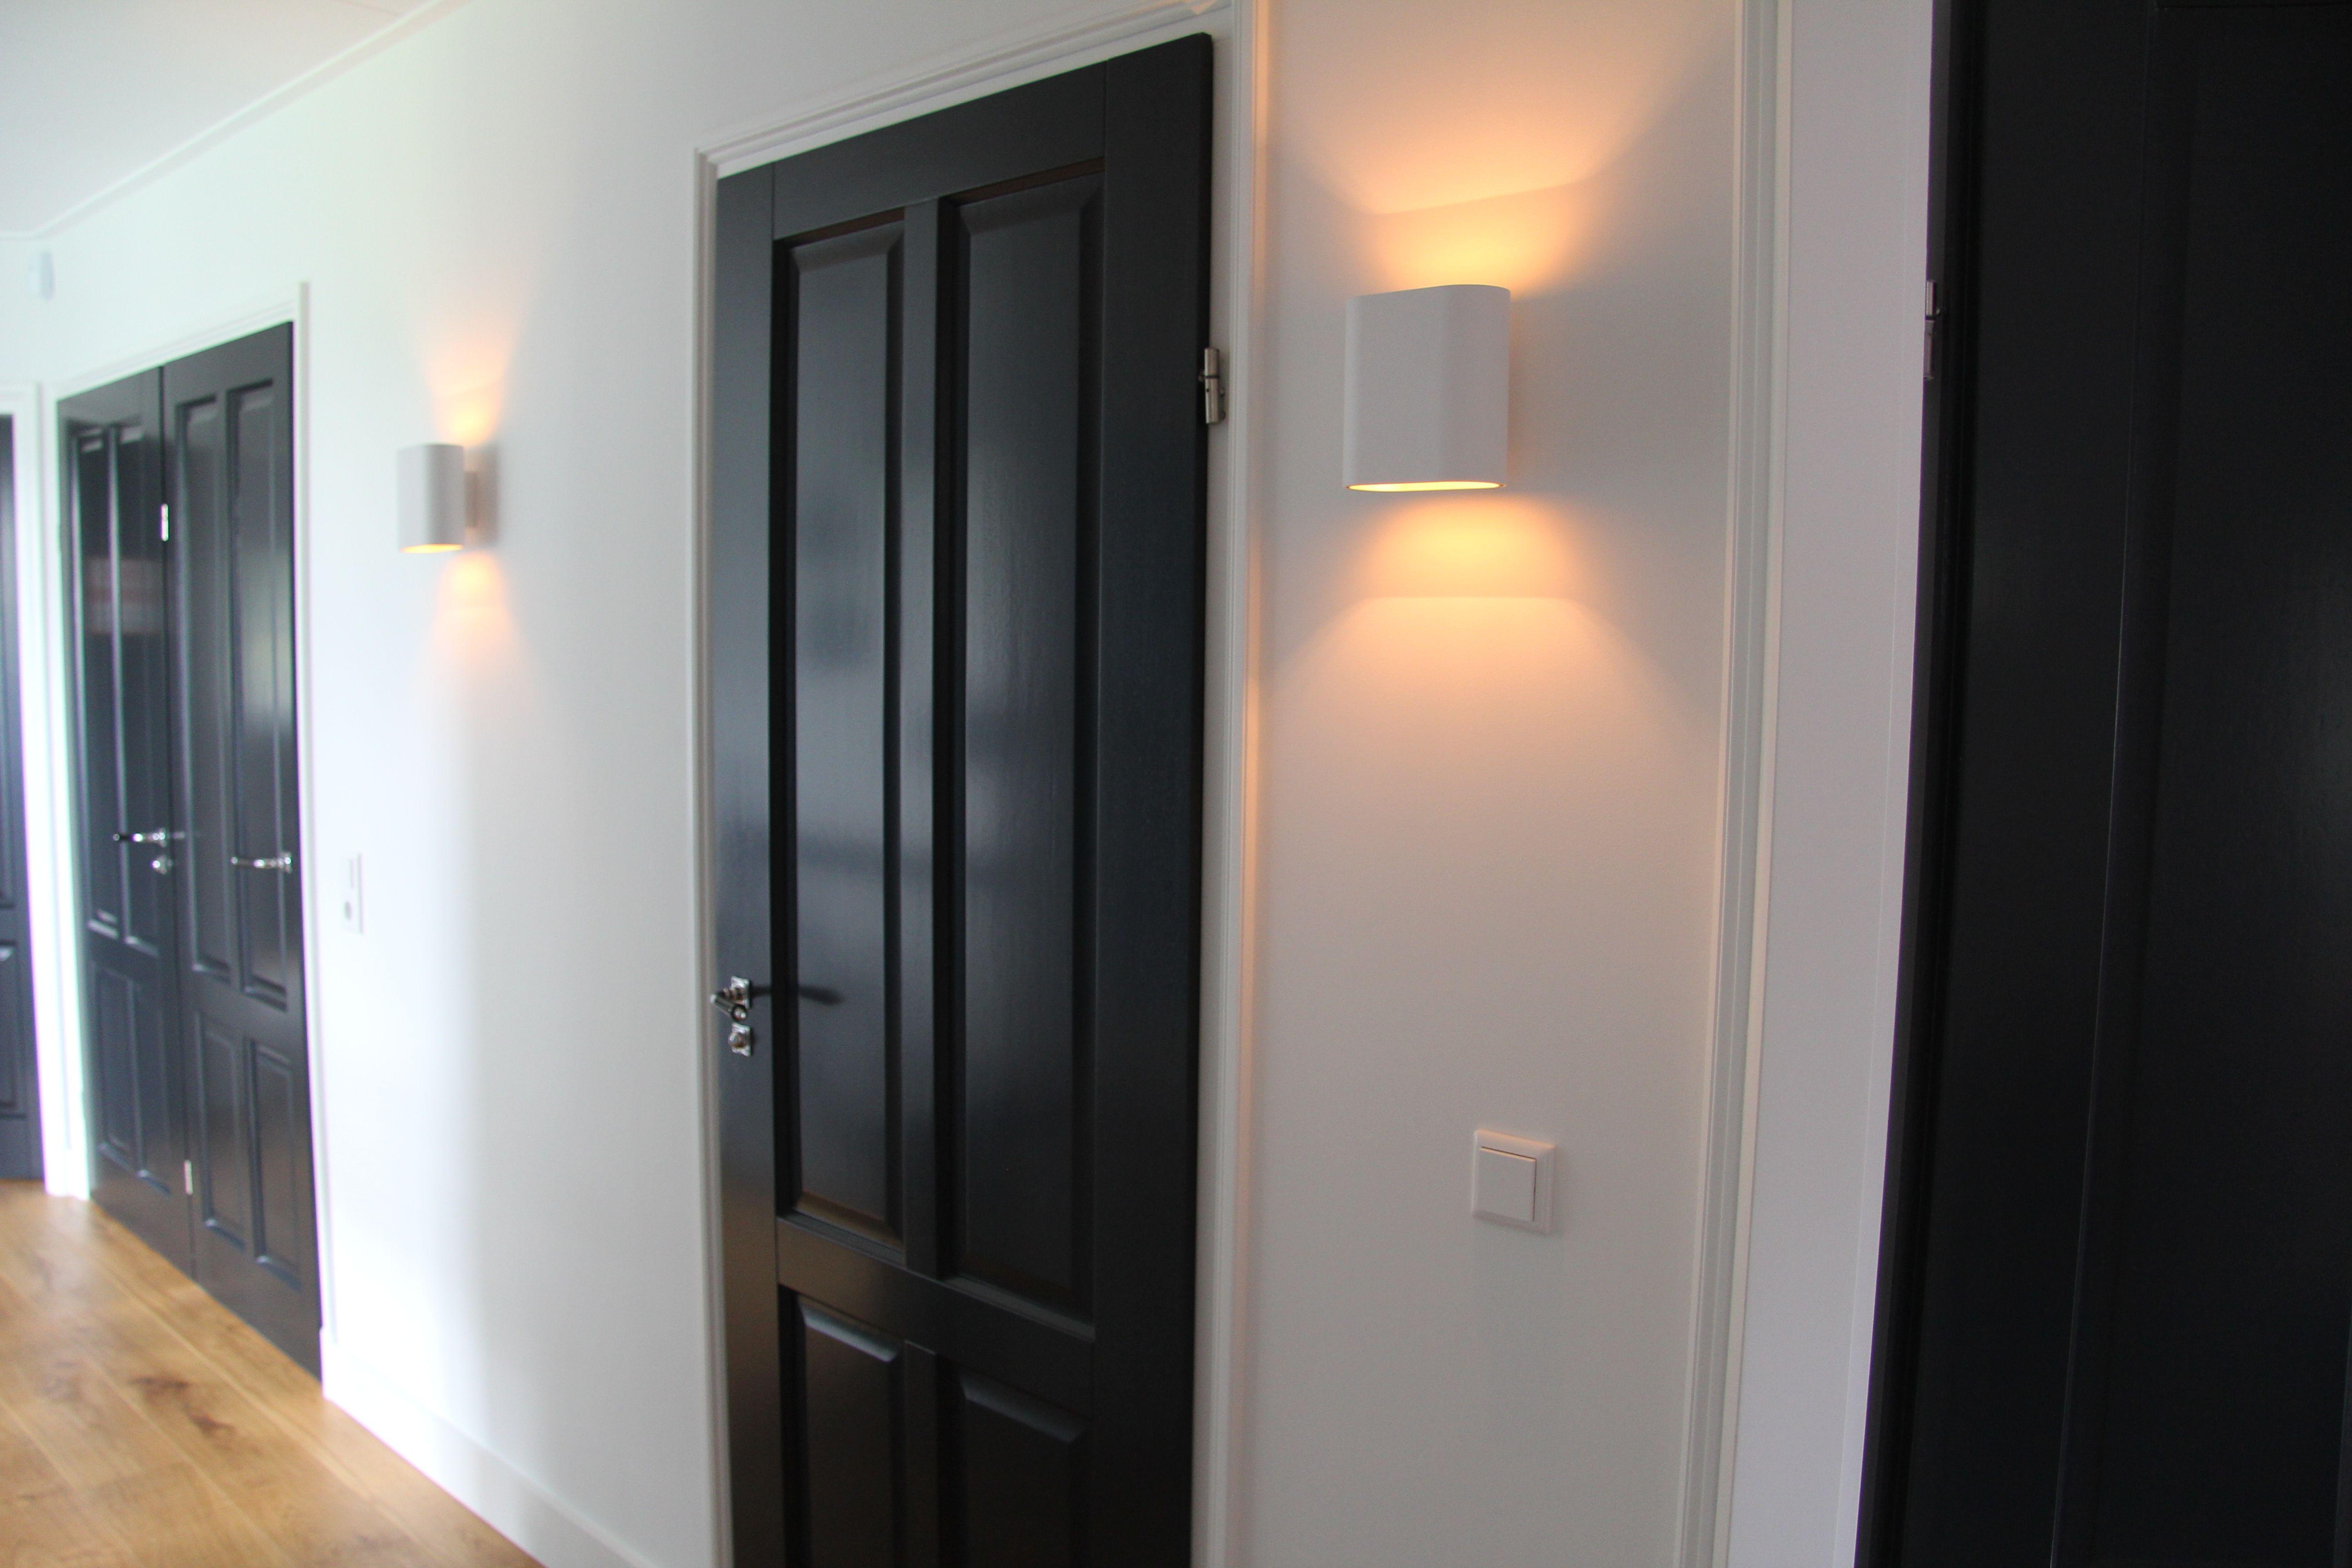 Zwarte deuren in de gang met witte kozijnen en prachtige